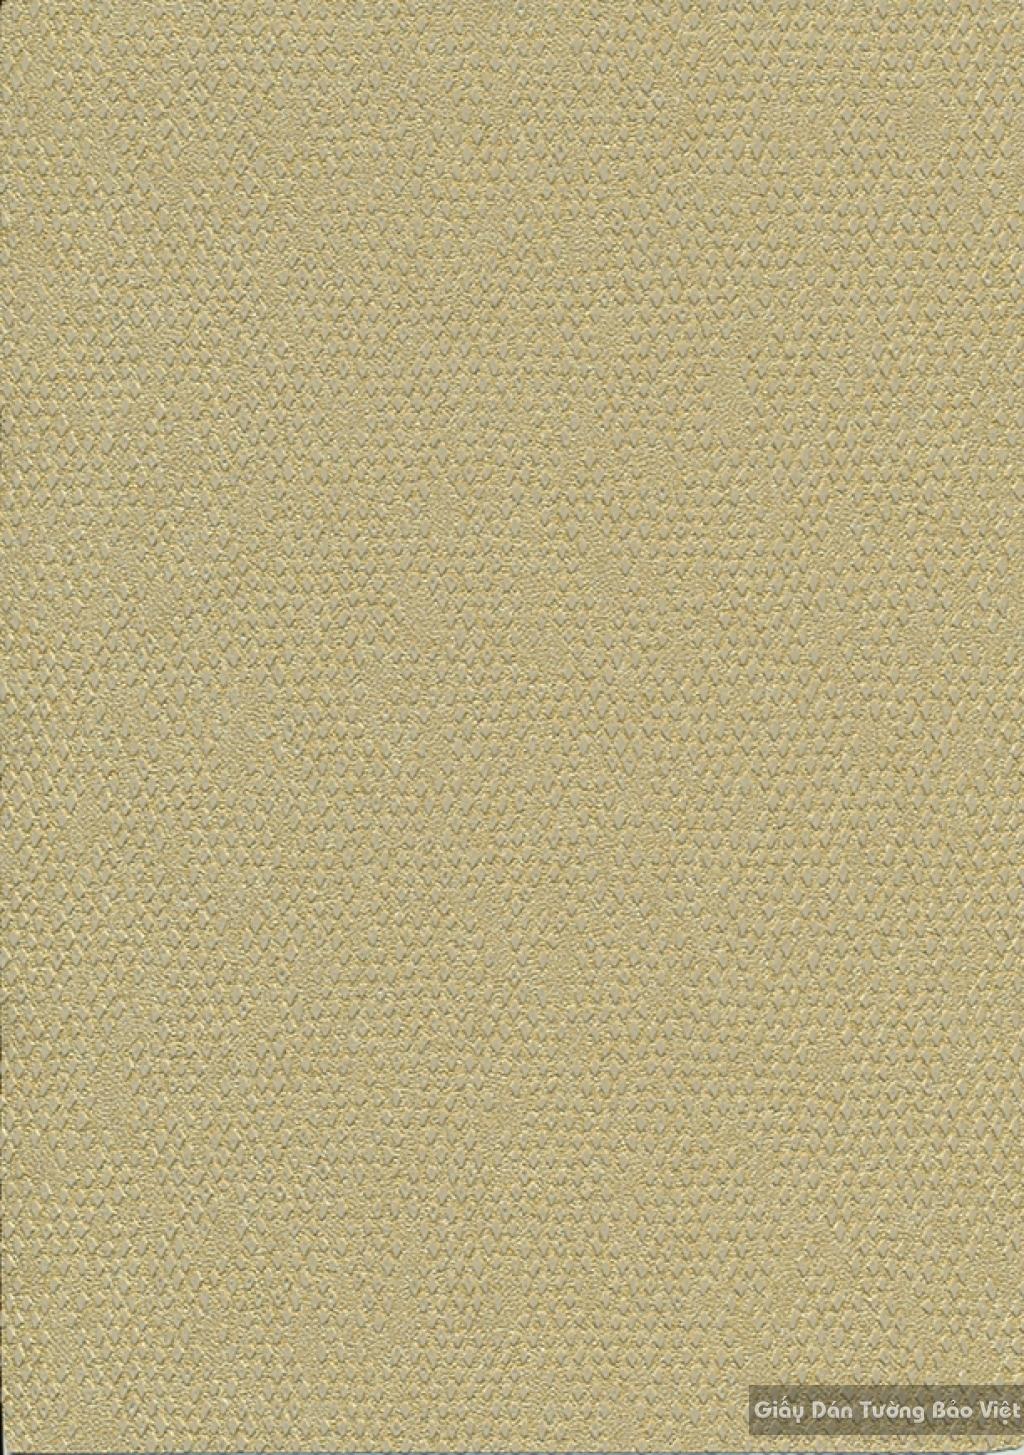 Giấy dán tường hàn quốc Feliz 88186-3